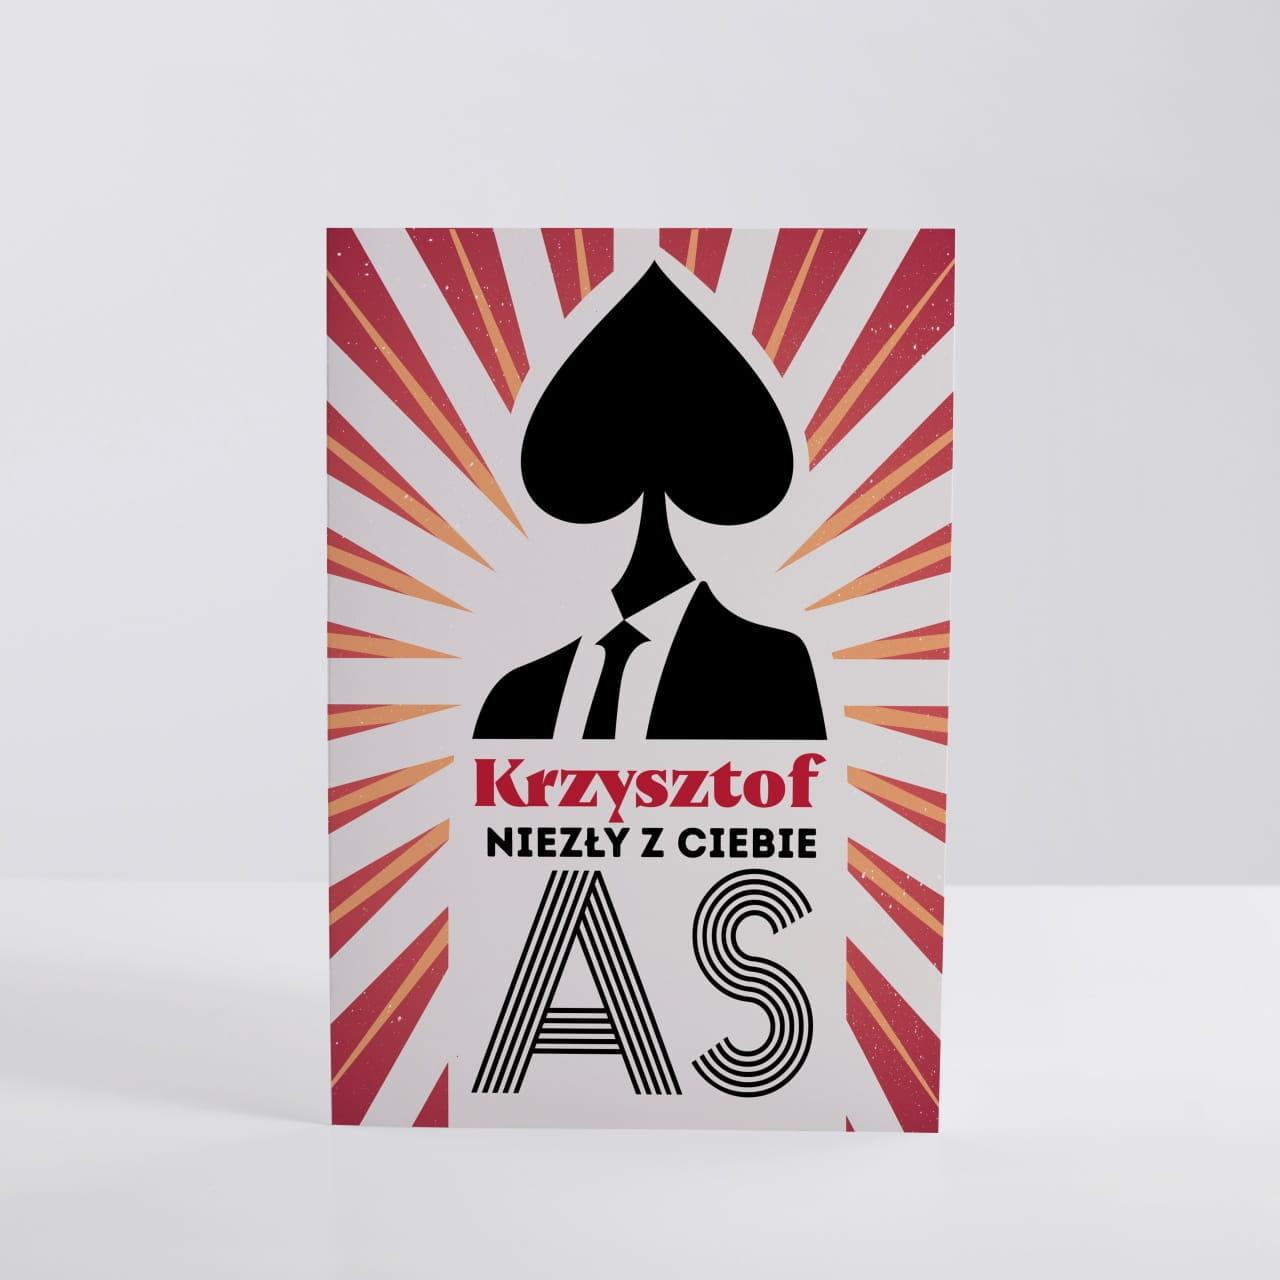 Kartka dla Krzysztofa NIEZŁY AS